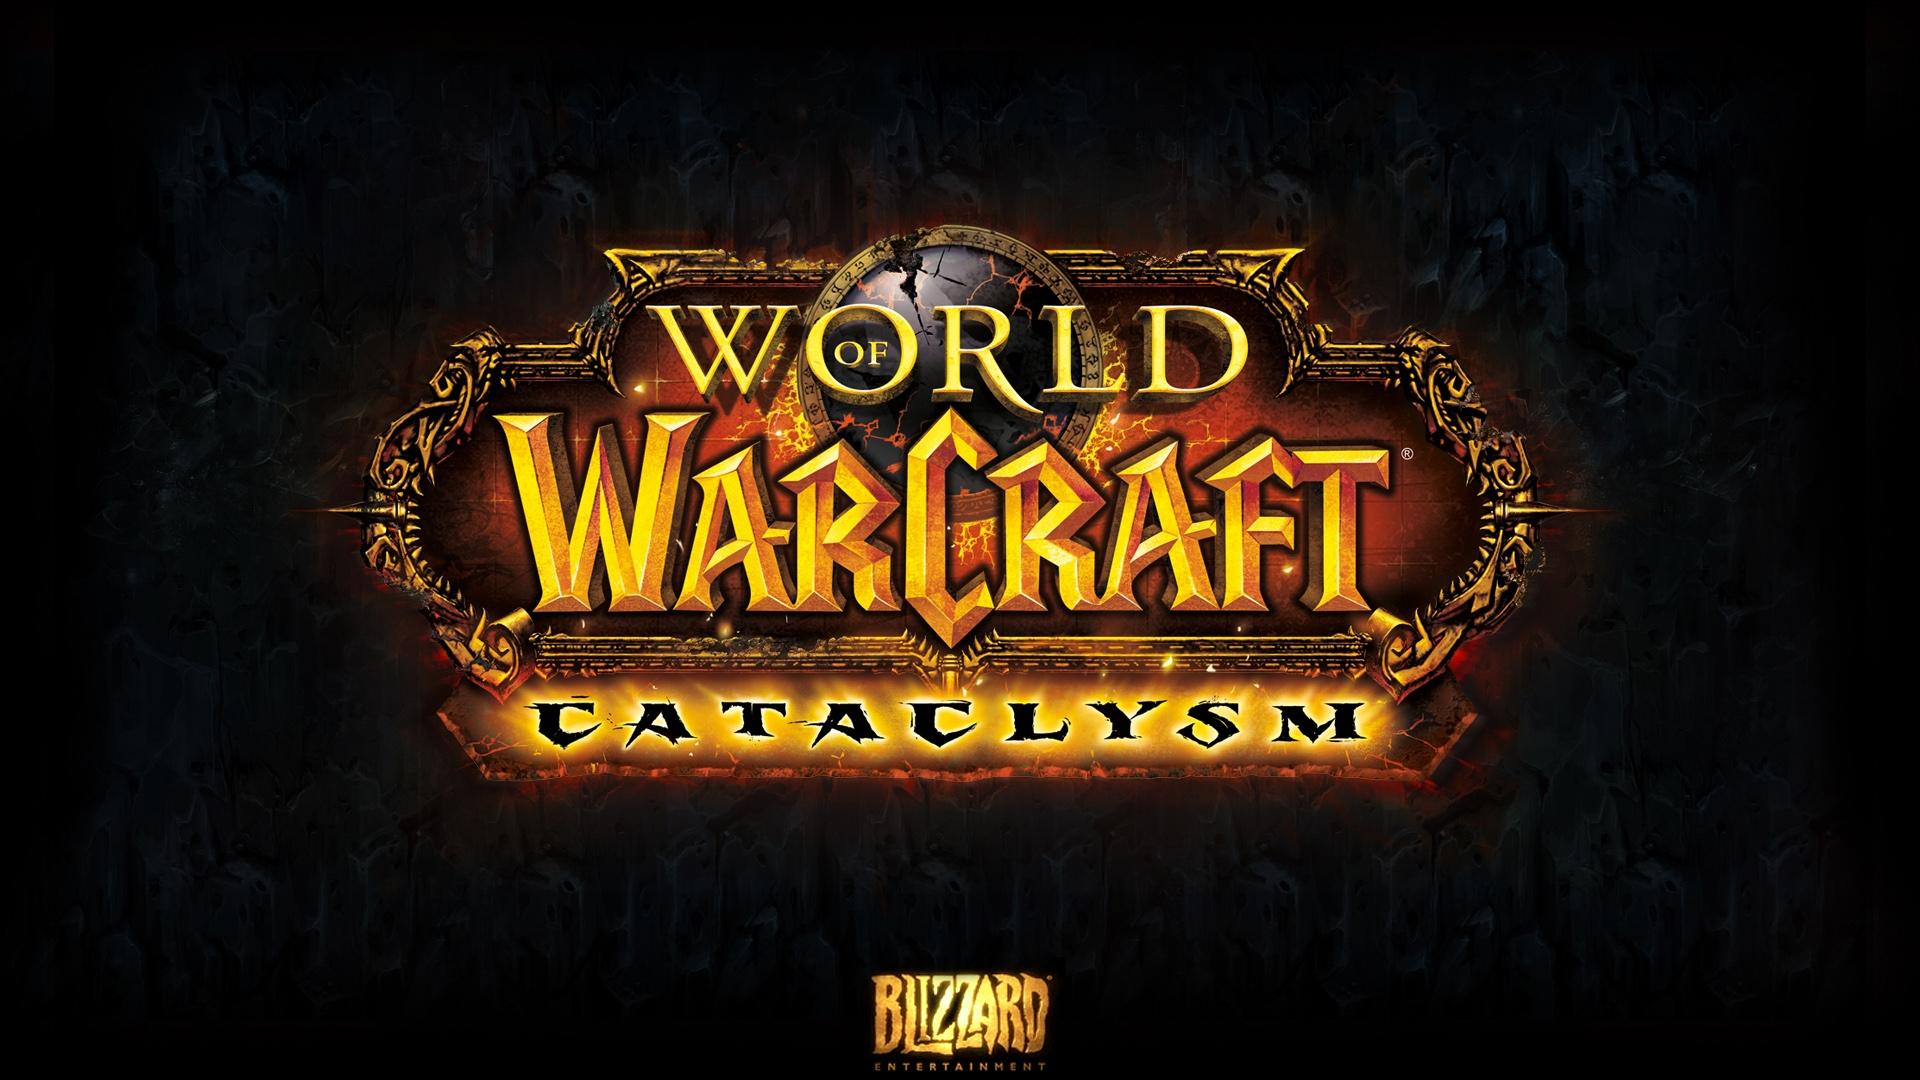 http://2.bp.blogspot.com/-jFktPCNBJHw/UC-1jC5s8lI/AAAAAAAAHI8/_wFb6MtVpxk/s0/wow-cataclysm-logo-1920x1080-wallpaper.jpg